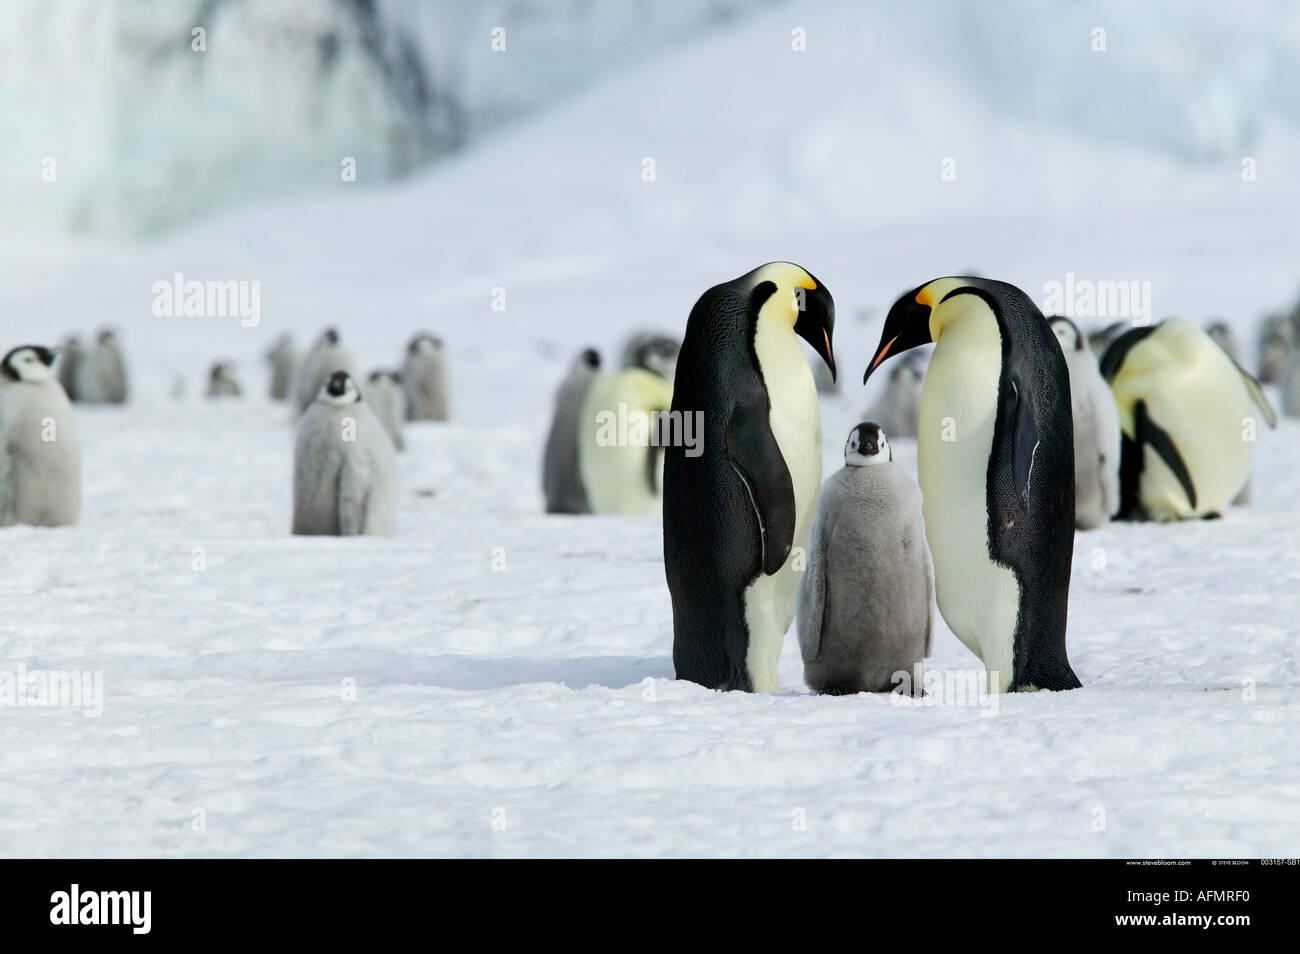 Retour des jeunes parents de manchot empereur de l'Antarctique l'Île Coulman Photo Stock